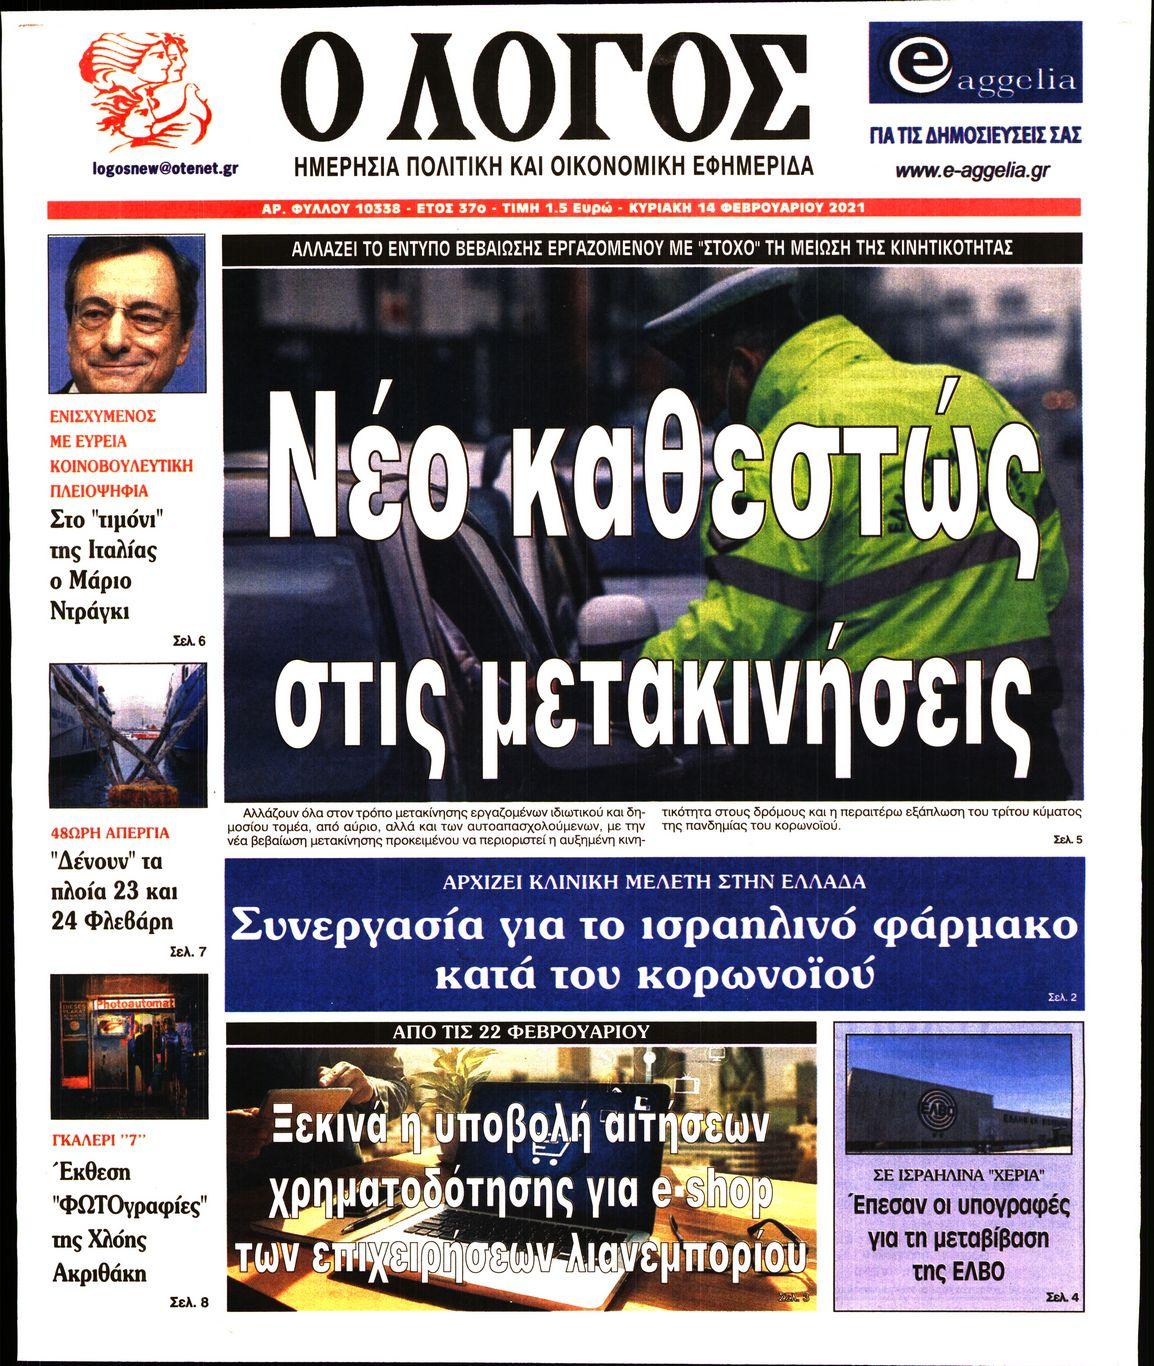 https://www.newsbeast.gr/files/1/newspapers/2021/02/14/27888270_186.jpg